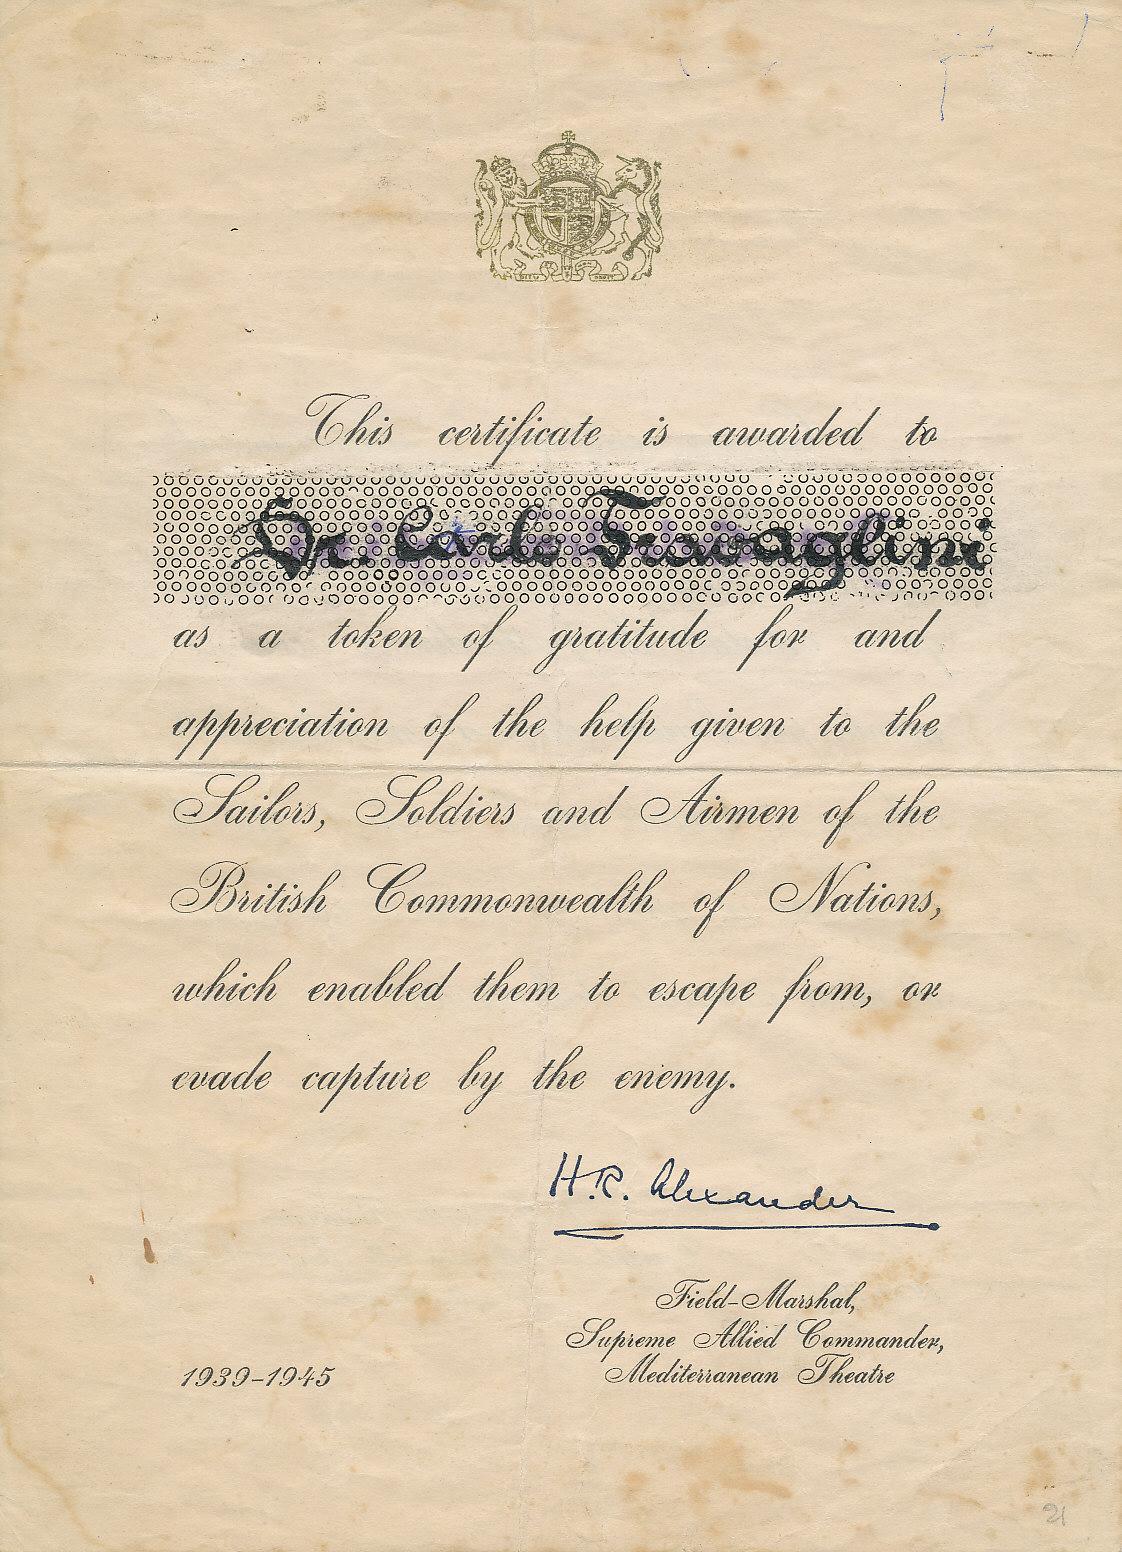 Riconoscimento rilasciato a Carlo Travaglini dal generale Alexander per l'opera da lui svolta in favore dei militari anglo-americani, 1945